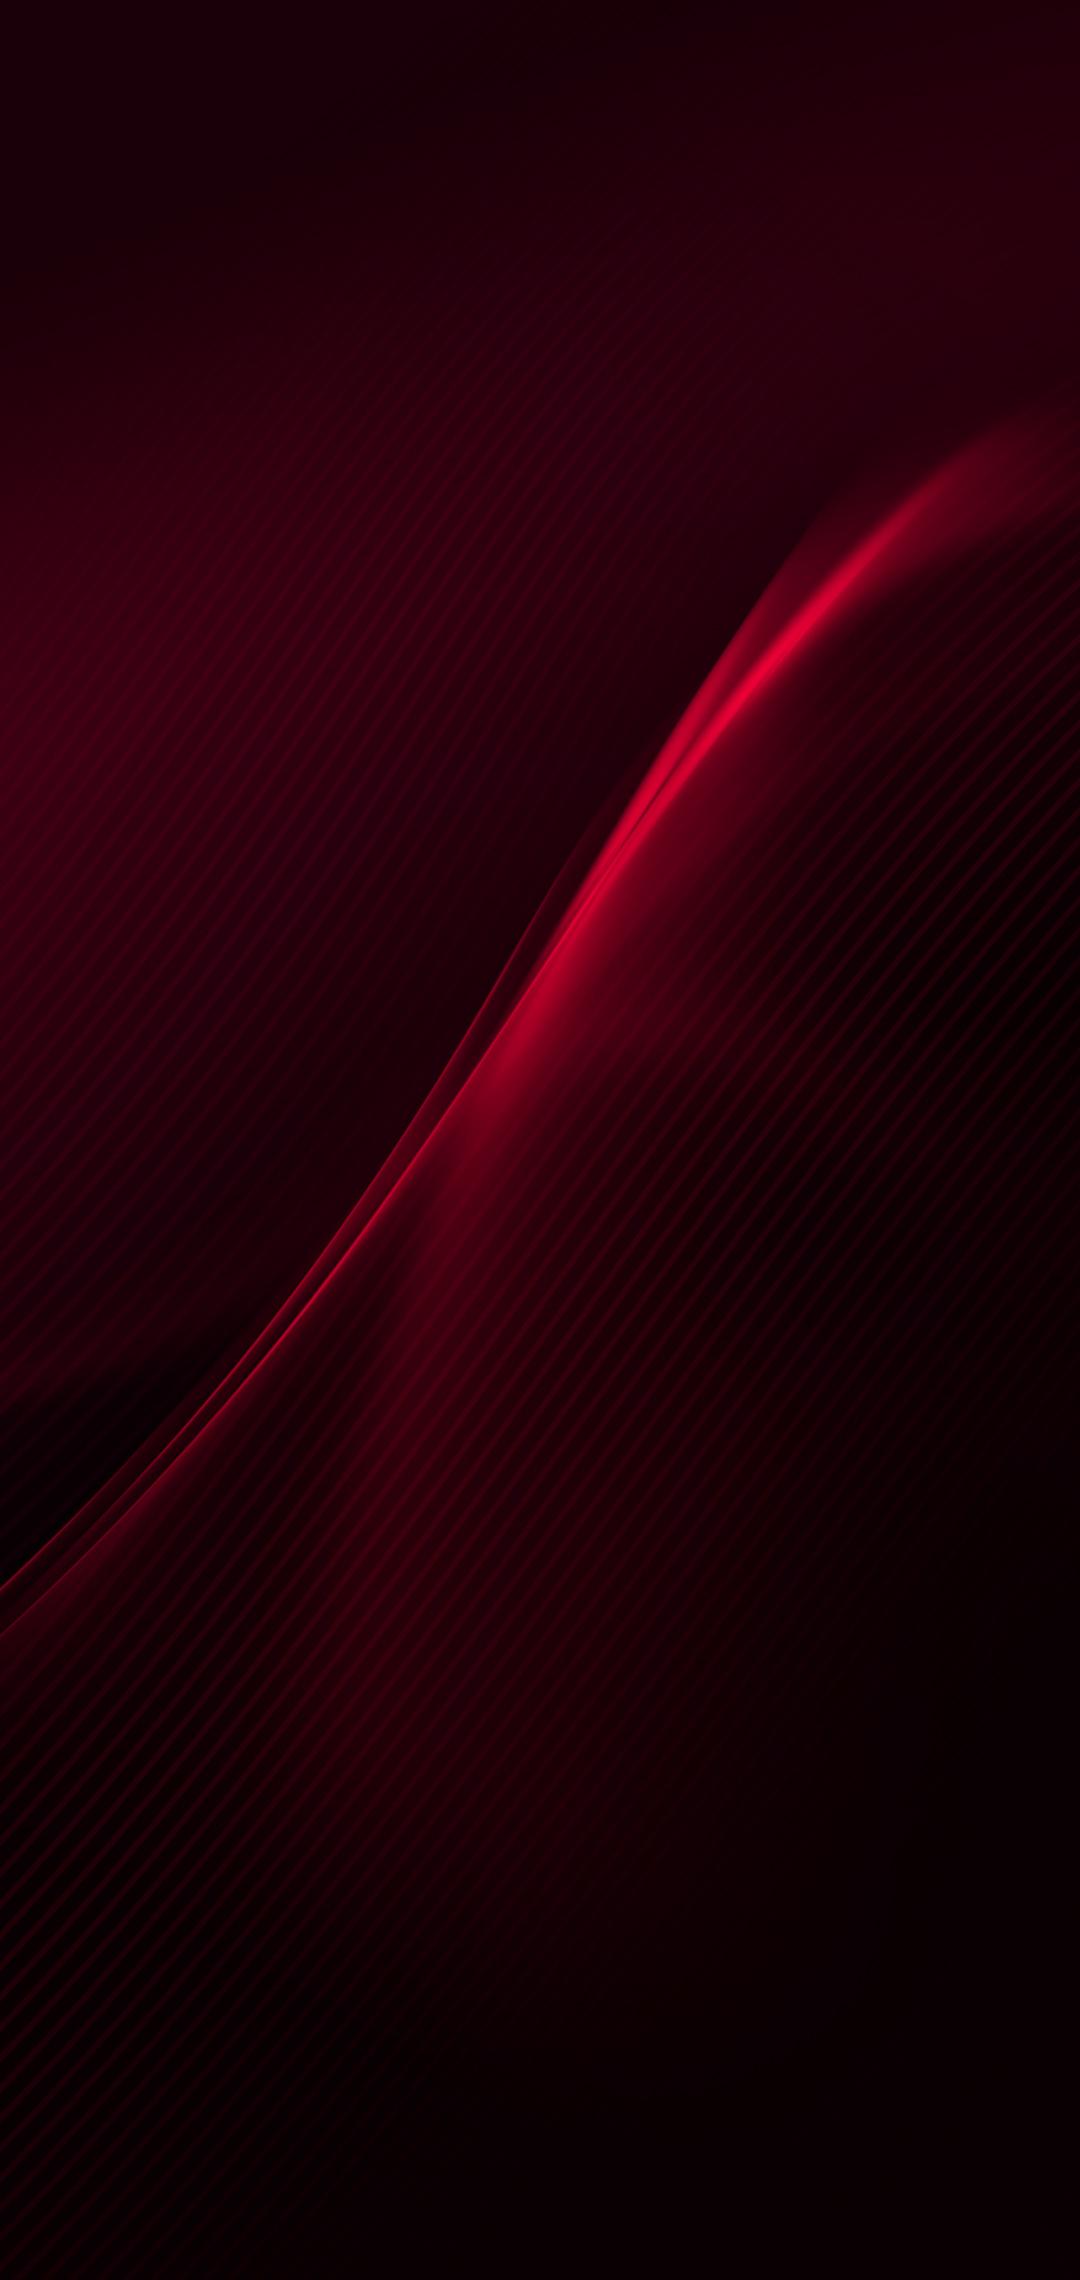 vivo_x21_fifa_05.jpg